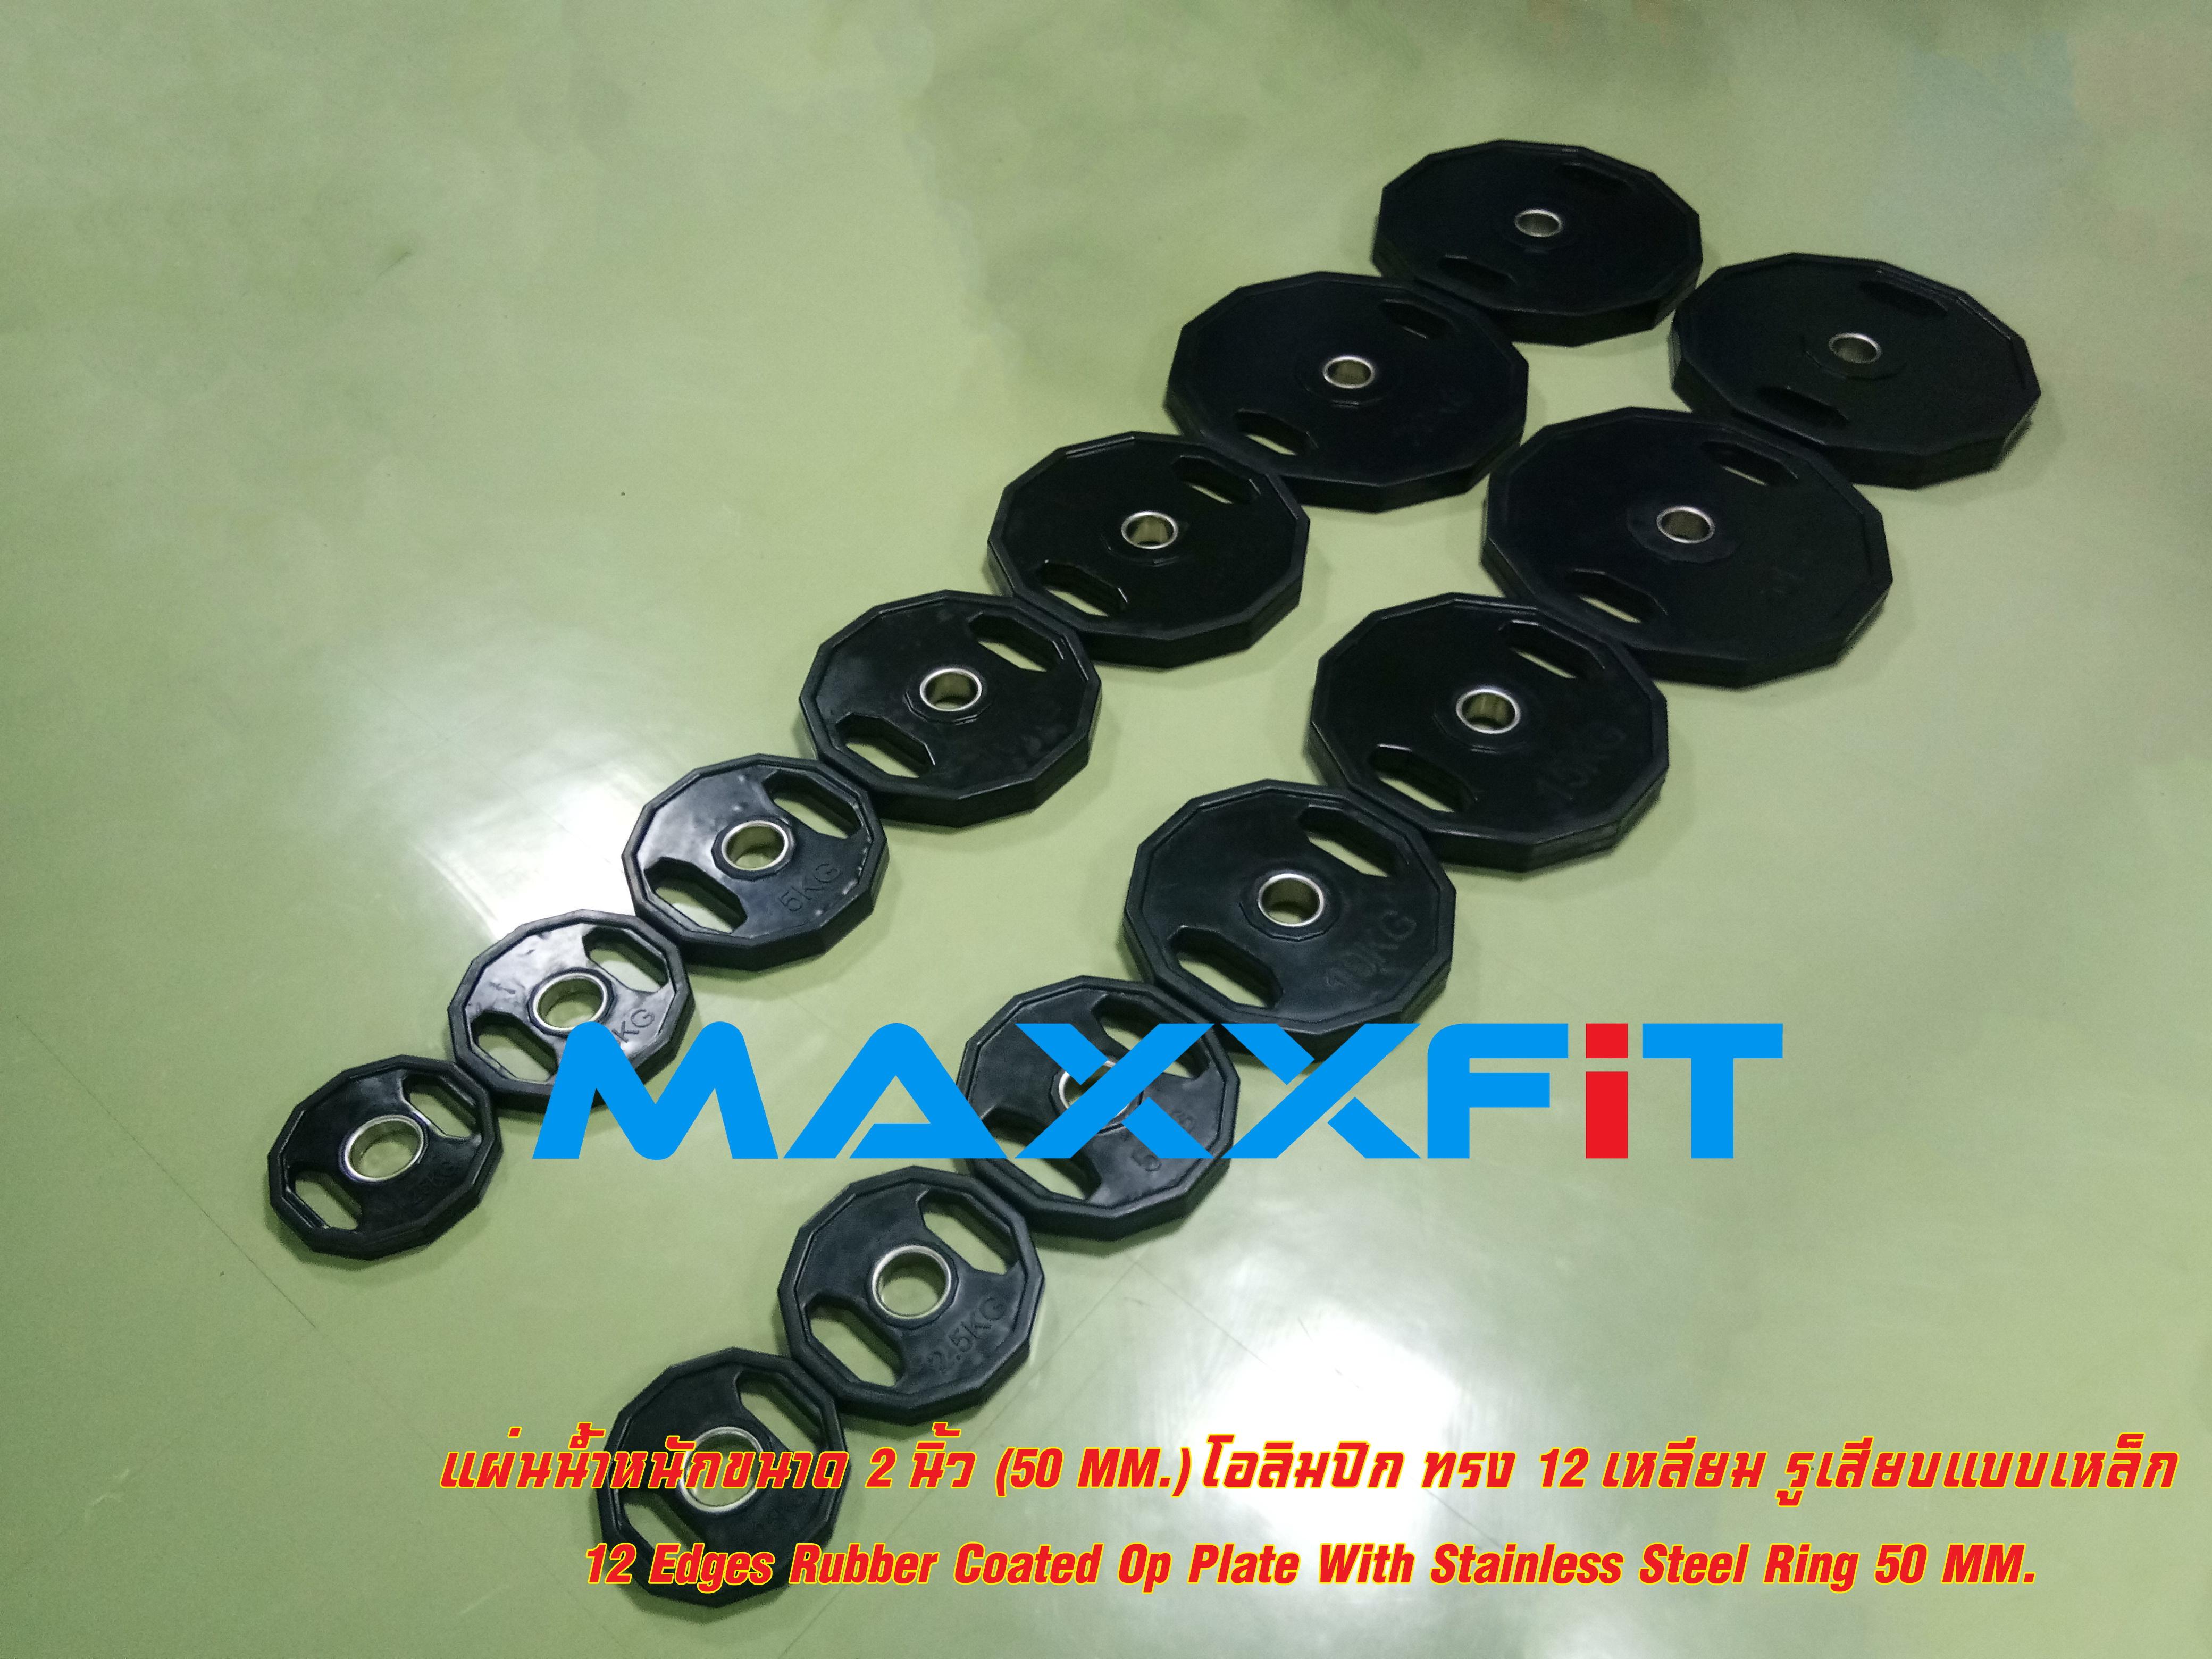 ขาย แผ่นน้ำหนักขนาด 2 นิ้ว (50 MM.) โอลิมปิก ทรง 12 เหลียม รูเสียบแบบสแตนเลส 12 Edges Rubber Coated Op Plate With Stainless Steel Ring 50 MM.